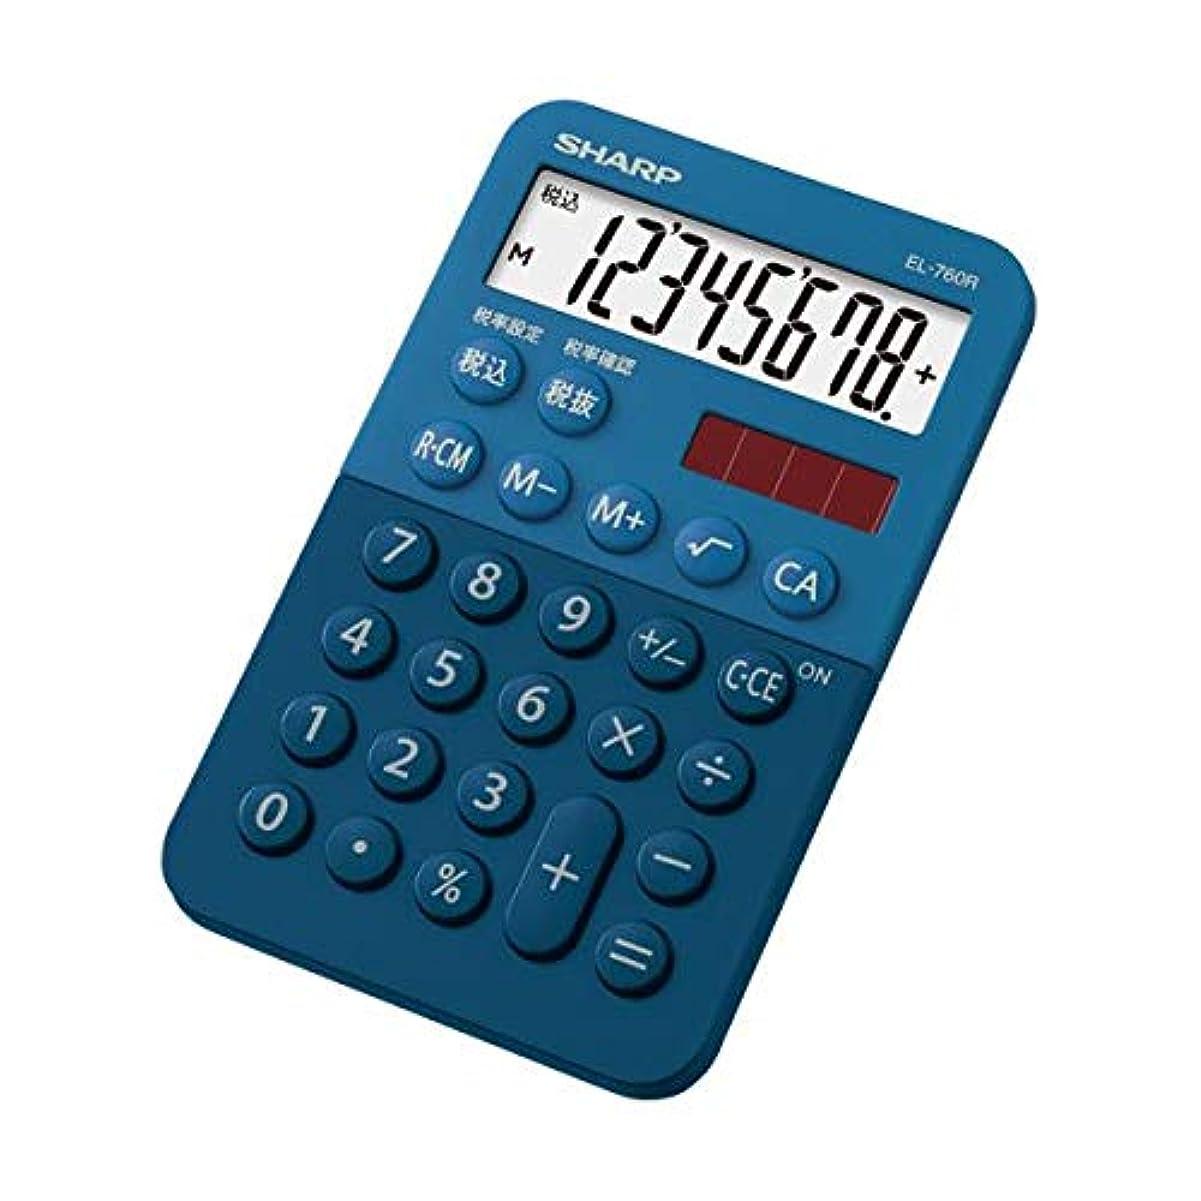 賢い動力学絶妙(まとめ)シャープ カラー デザイン電卓 8桁ミニミニナイスサイズ ブルー系 EL-760R-AX 1台【×5セット】 生活用品 インテリア 雑貨 文具 オフィス用品 電卓 14067381 [並行輸入品]